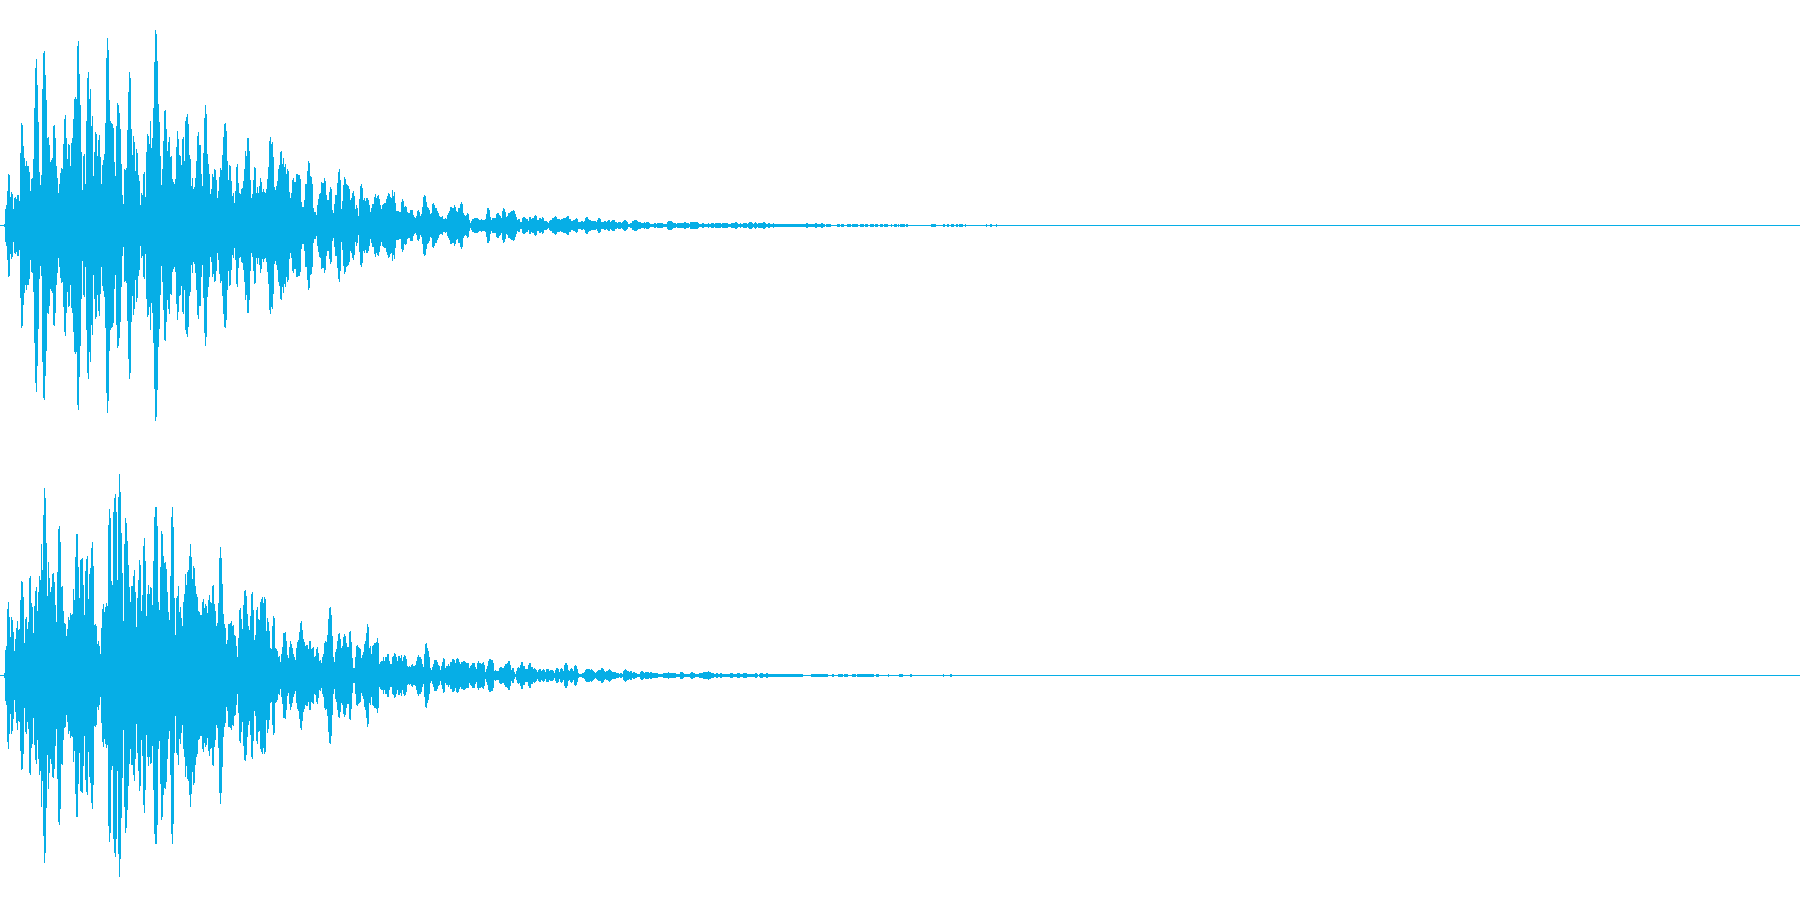 ゲームスタート、決定、ボタン音-073の再生済みの波形